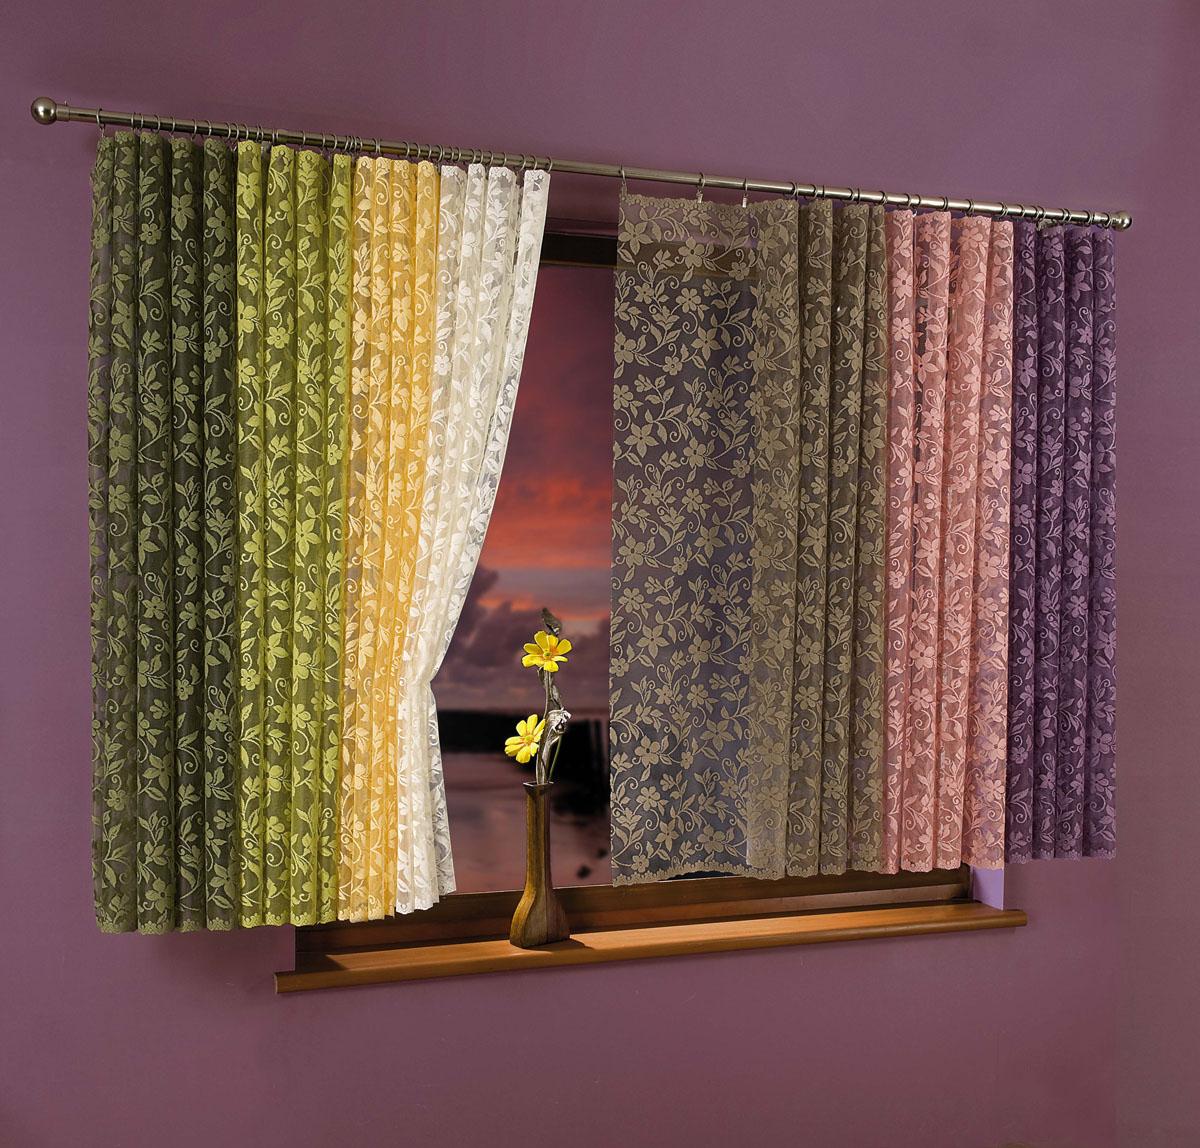 Гардина-тюль Kwiat Jabloni, на ленте, цвет: синий, высота 250 см736195Воздушная гардина-тюль Kwiat Jabloni, изготовленная из полиэстера синего цвета, станет великолепным украшением любого окна. Тонкое плетение, оригинальный дизайн и приятная цветовая гамма привлекут к себе внимание и органично впишутся в интерьер комнаты. В гардину-тюль вшита шторная лента. Характеристики:Материал: 100% полиэстер. Цвет: синий. Размер упаковки:27 см х 36 см х 3 см. Артикул: 736195.В комплект входит:Гардина-тюль - 1 шт. Размер (Ш х В): 150 см х 250 см. Фирма Wisan на польском рынке существует уже более пятидесяти лет и является одной из лучших польских фабрик по производству штор и тканей. Ассортимент фирмы представлен готовыми комплектами штор для гостиной, детской, кухни, а также текстилем для кухни (скатерти, салфетки, дорожки, кухонные занавески). Модельный ряд отличает оригинальный дизайн, высокое качество. Ассортимент продукции постоянно пополняется.УВАЖАЕМЫЕ КЛИЕНТЫ!Обращаем ваше внимание на цвет изделия. Цветовой вариант гардины-тюли, данной в интерьере, служит для визуального восприятия товара. Цветовая гамма данной гардины-тюли представлена на отдельном изображении фрагментом ткани.